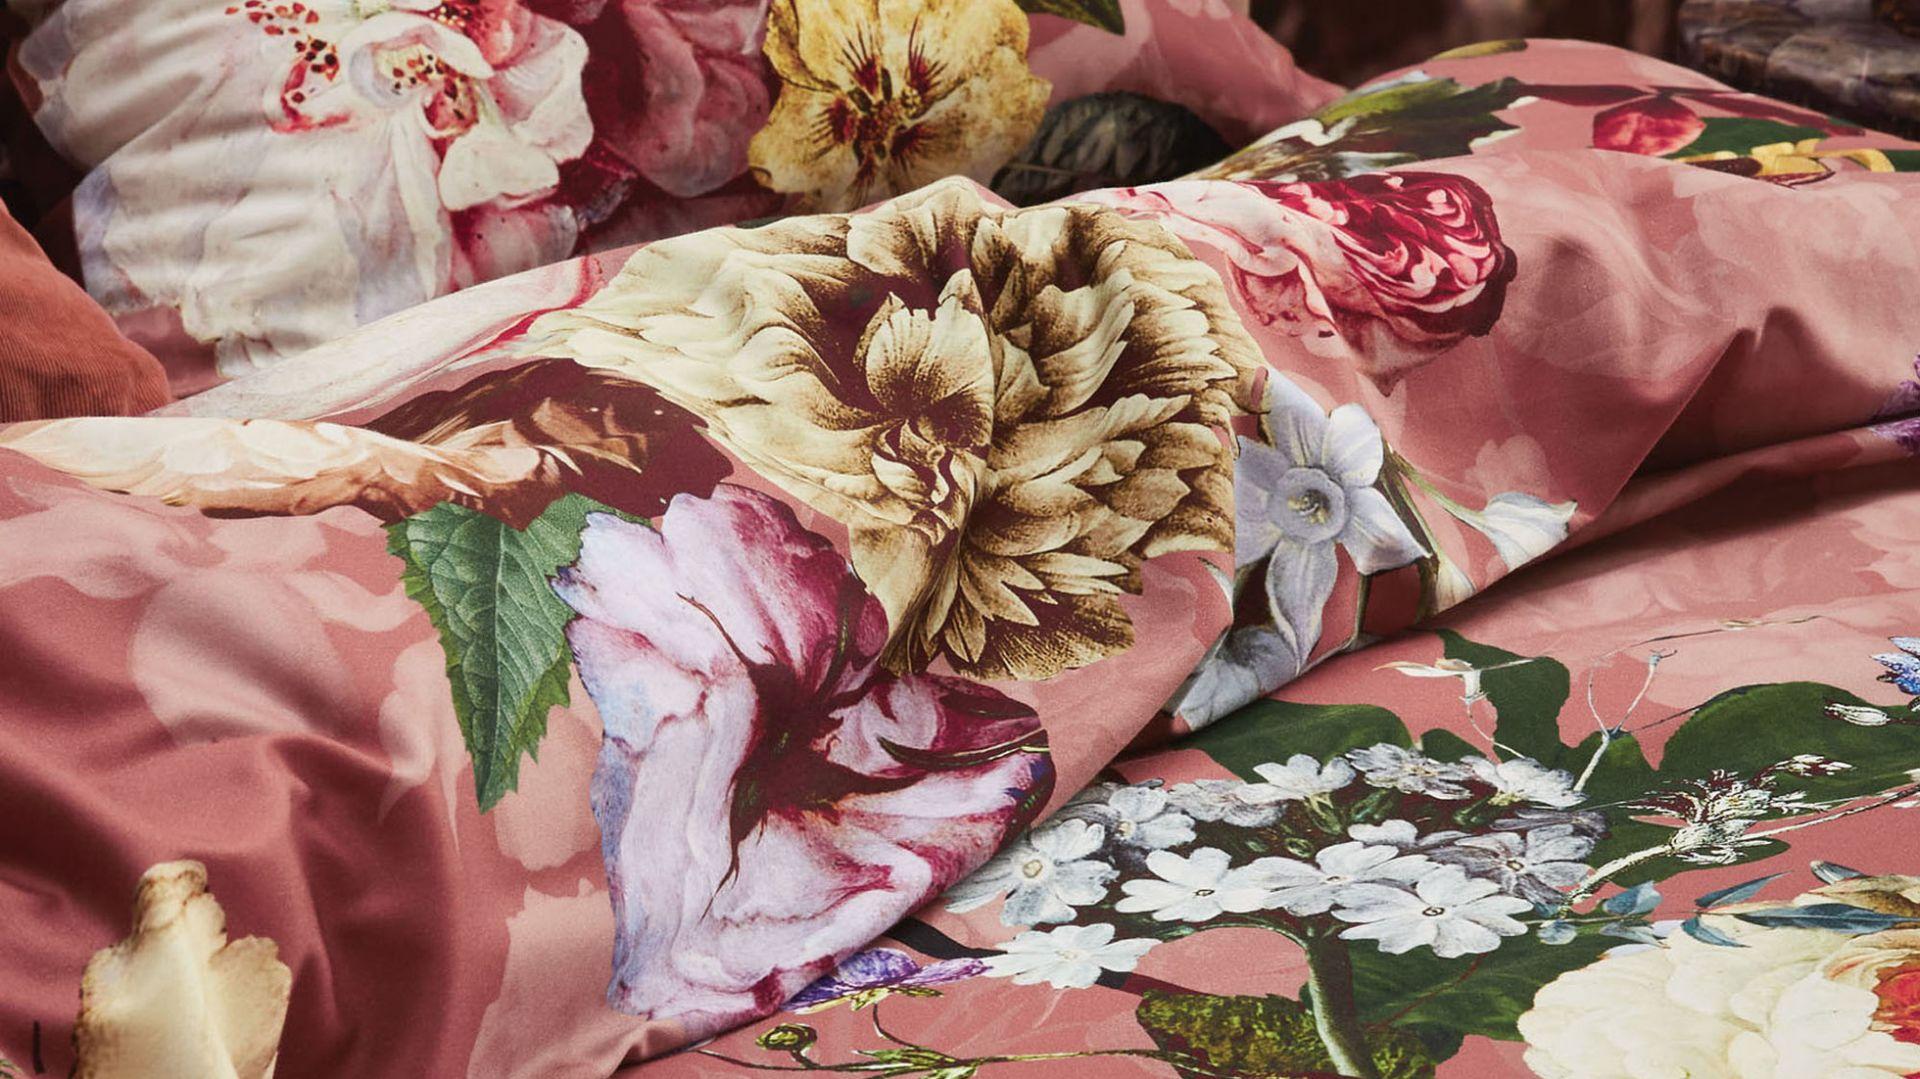 Prosto z barokowego płótna na satynową bawełnę pościeli – ogromne, kolorowe kwiaty umieszczono na ciepłym tle. Pościel Fleur Essenza. Fot. Fabryka Form Cena 528 zł